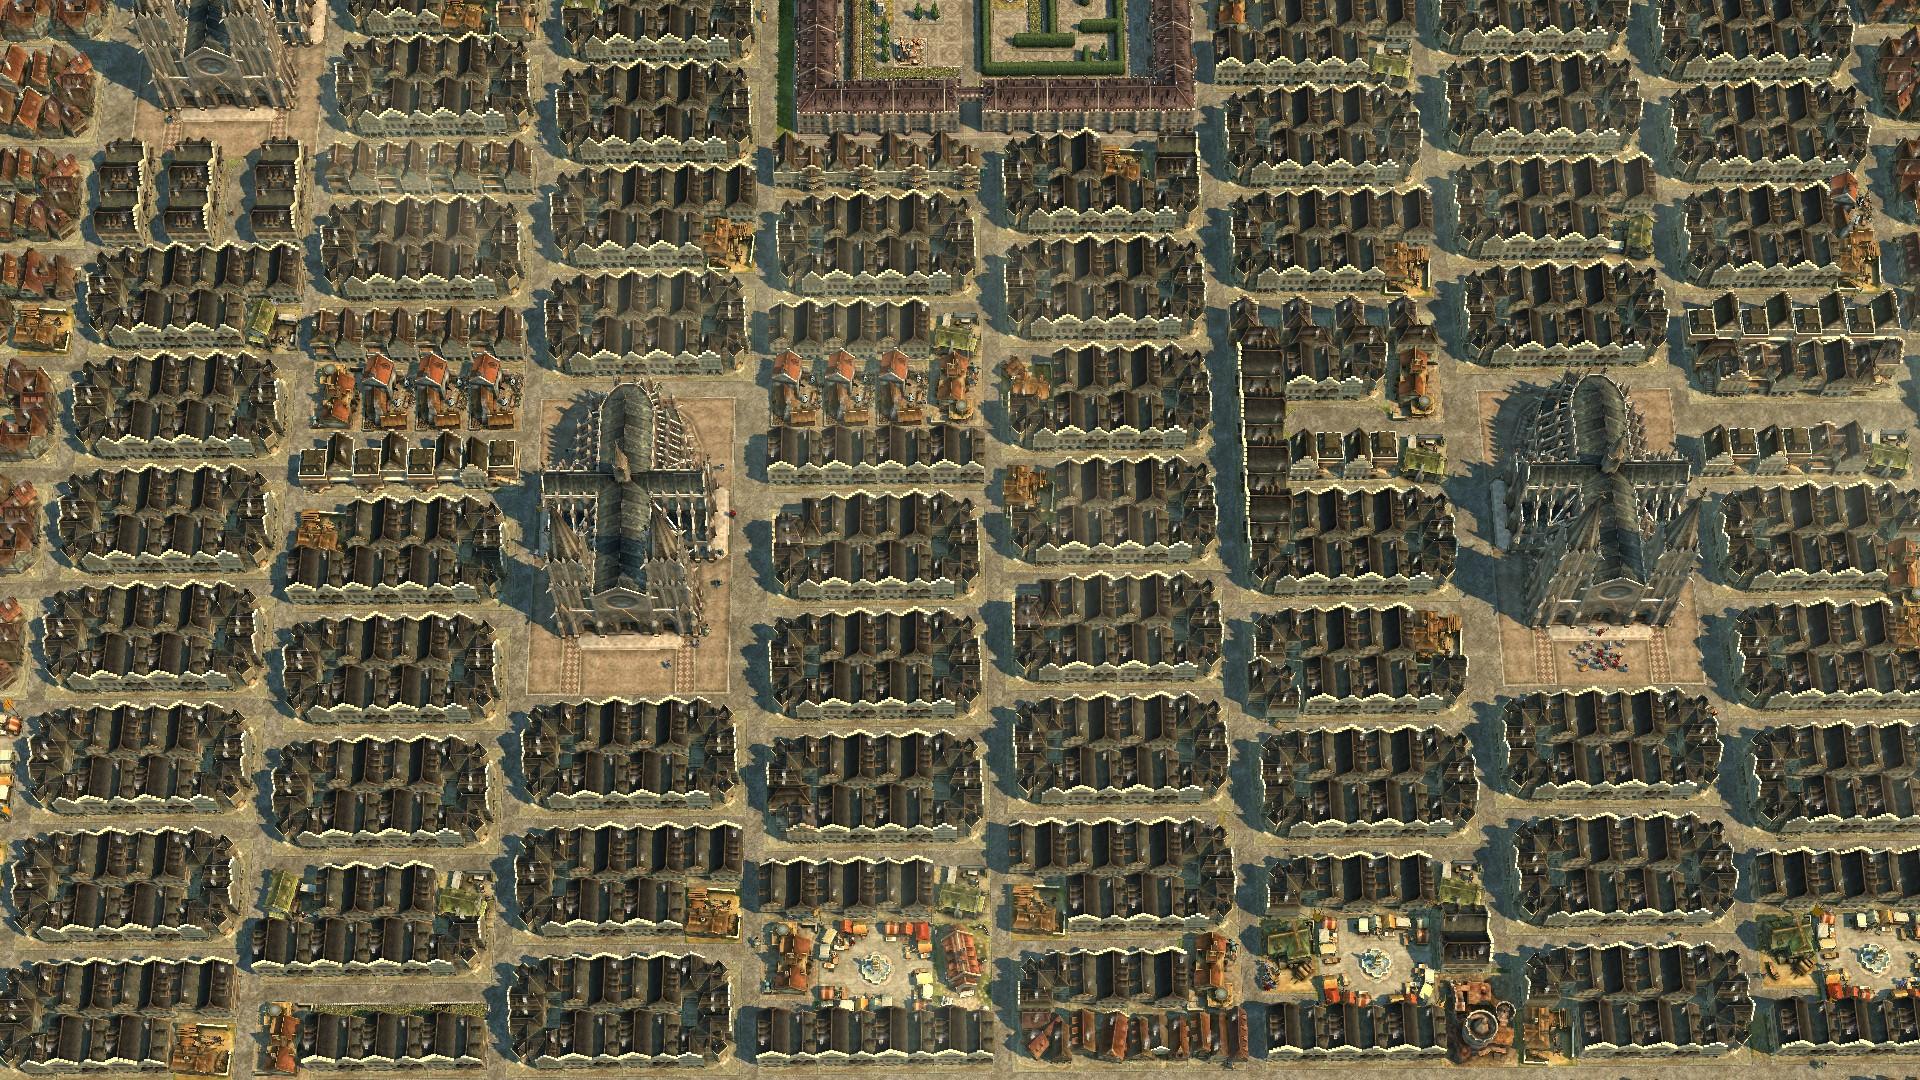 Anno 1404 Stadt - Ergebnis der CTD sicheren Grafikeinstellungen